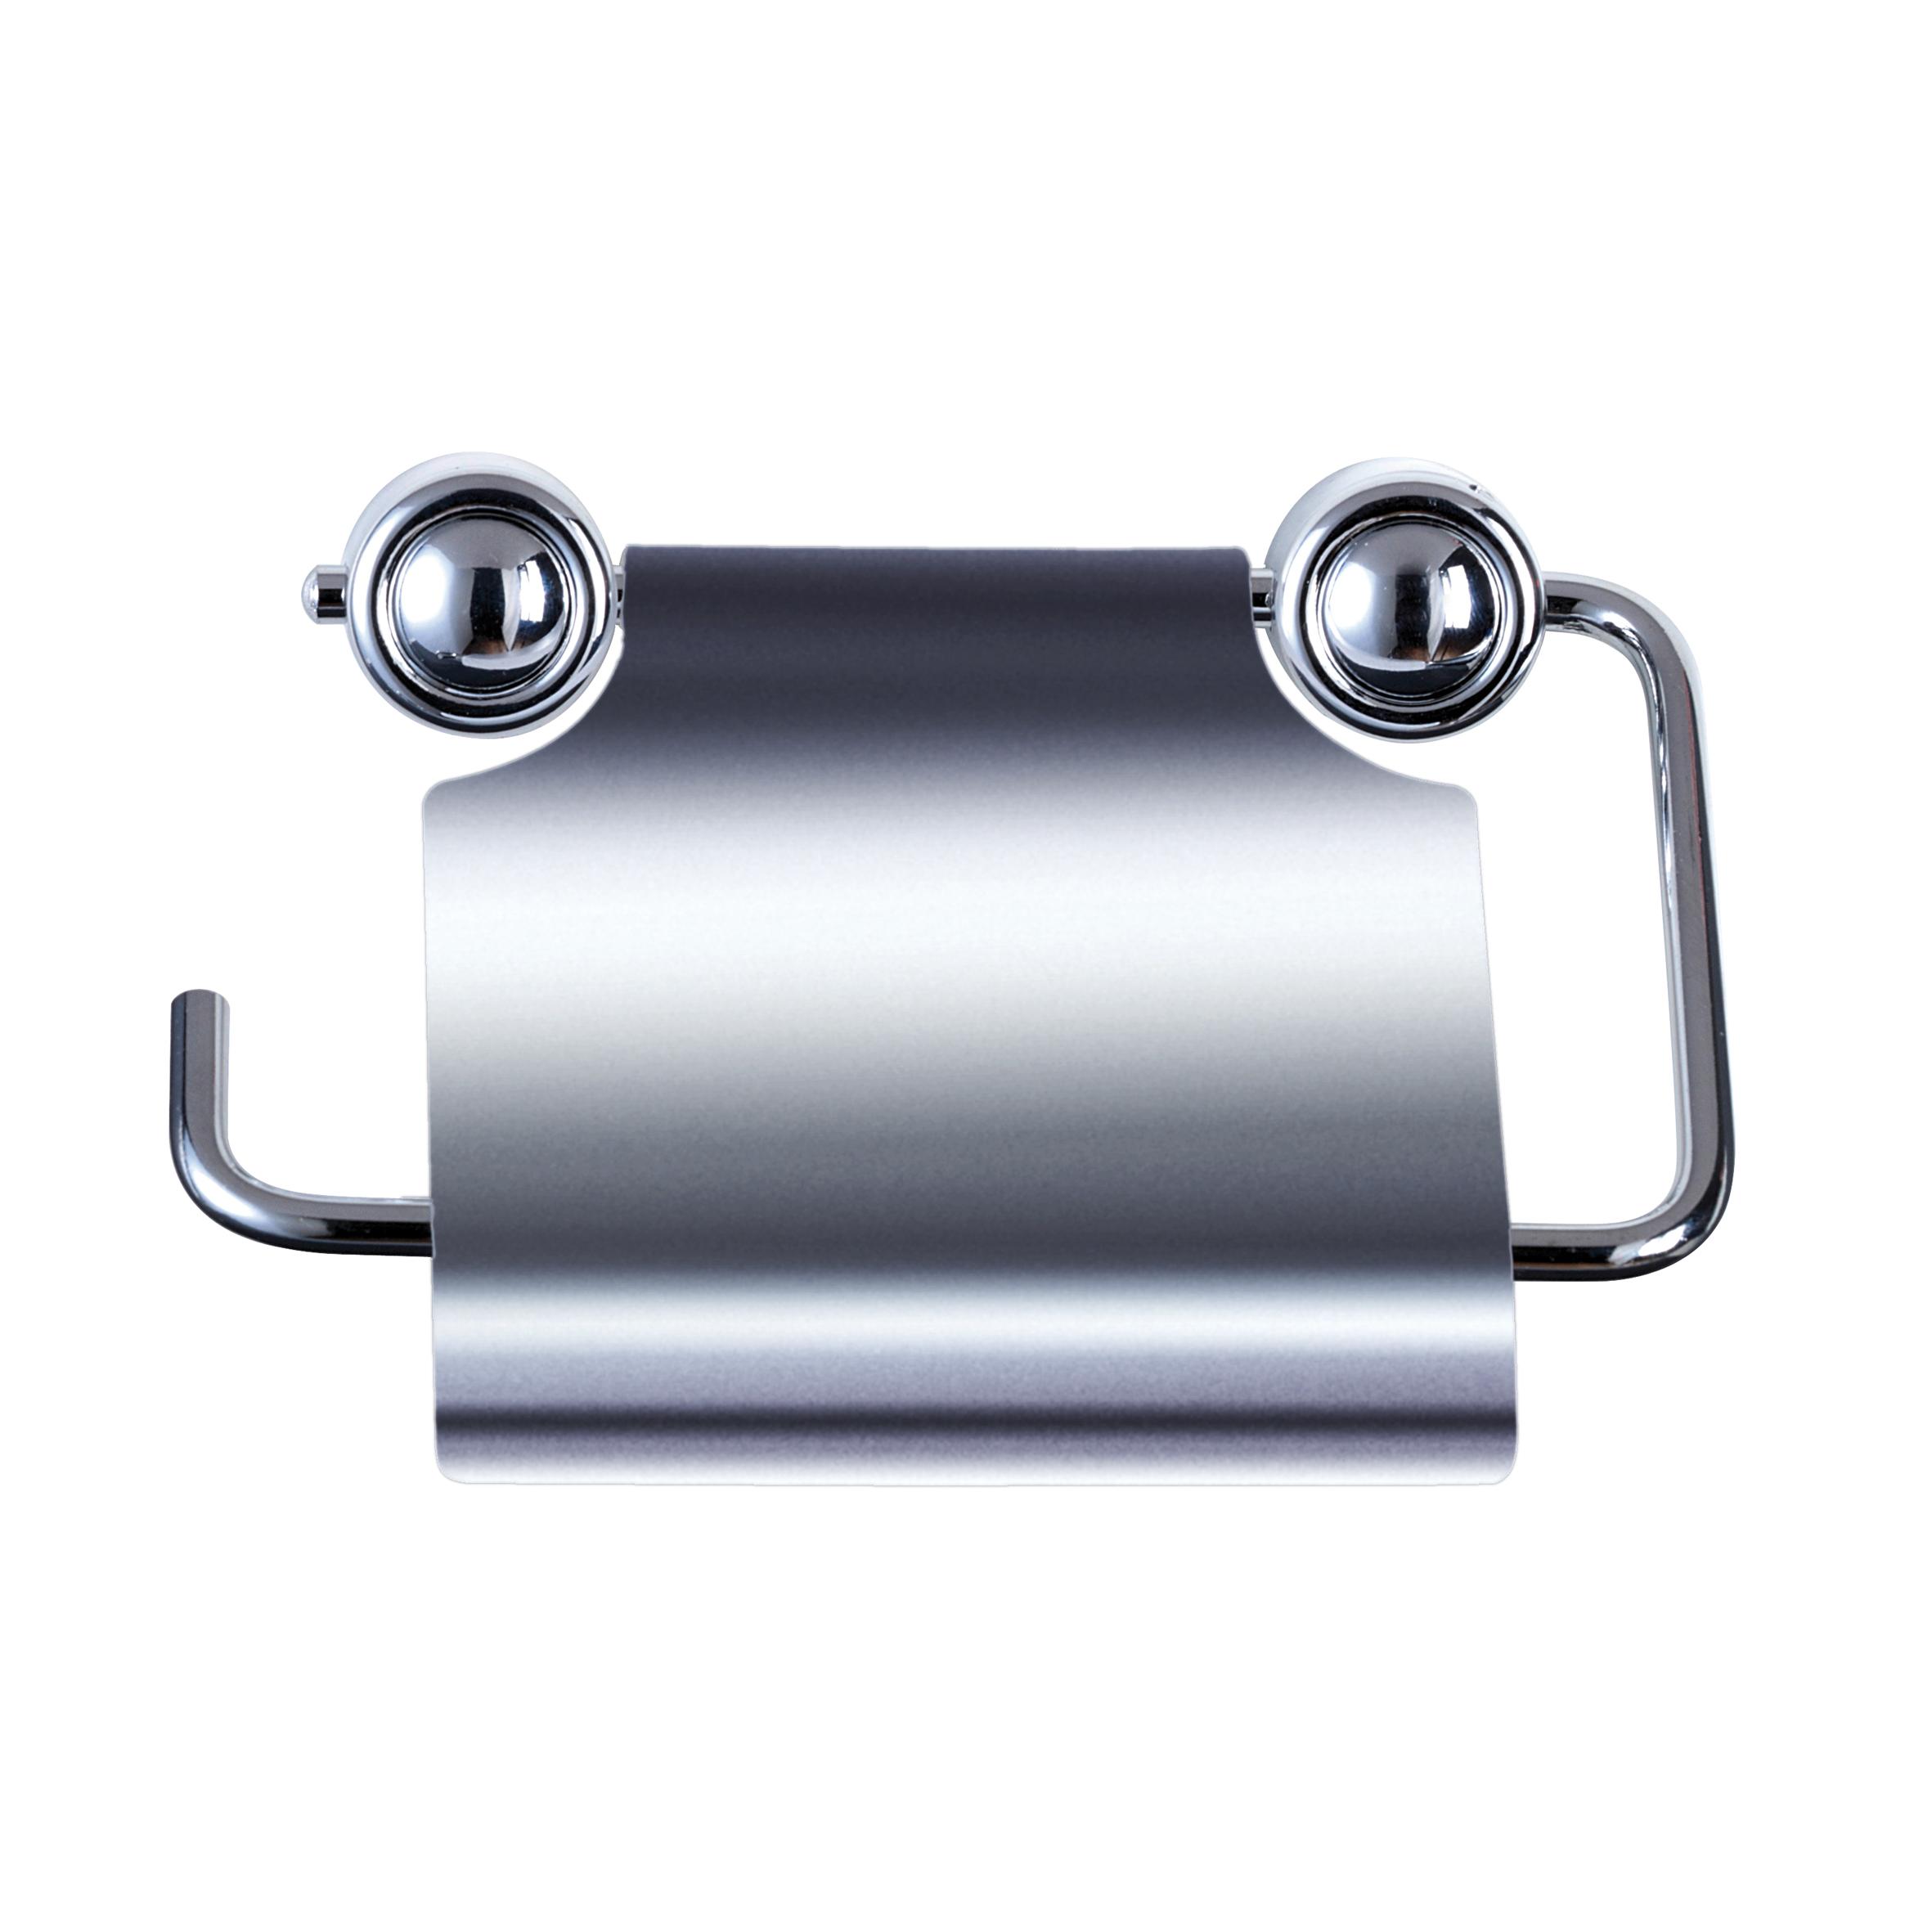 Держатель для туалетной бумаги Axentia Atlantik, с крышкой, 13 х 10 х 13,3 см280031Держатель для туалетной бумаги Axentia Atlantik, выполненный из высококачественной хромированной и нержавеющей стали, оснащен крышкой. Изделие крепится на стену с помощью шурупов (входят в комплект). Держатель поможет оформить интерьер в выбранном стиле, разбавляя пространство туалетной комнаты различными элементами. Он хорошо впишется в любой интерьер, придавая ему черты современности. Отлично сочетается с другими аксессуарами из коллекции Atlantik.Размер держателя: 13 х 10 х 13,3 см.